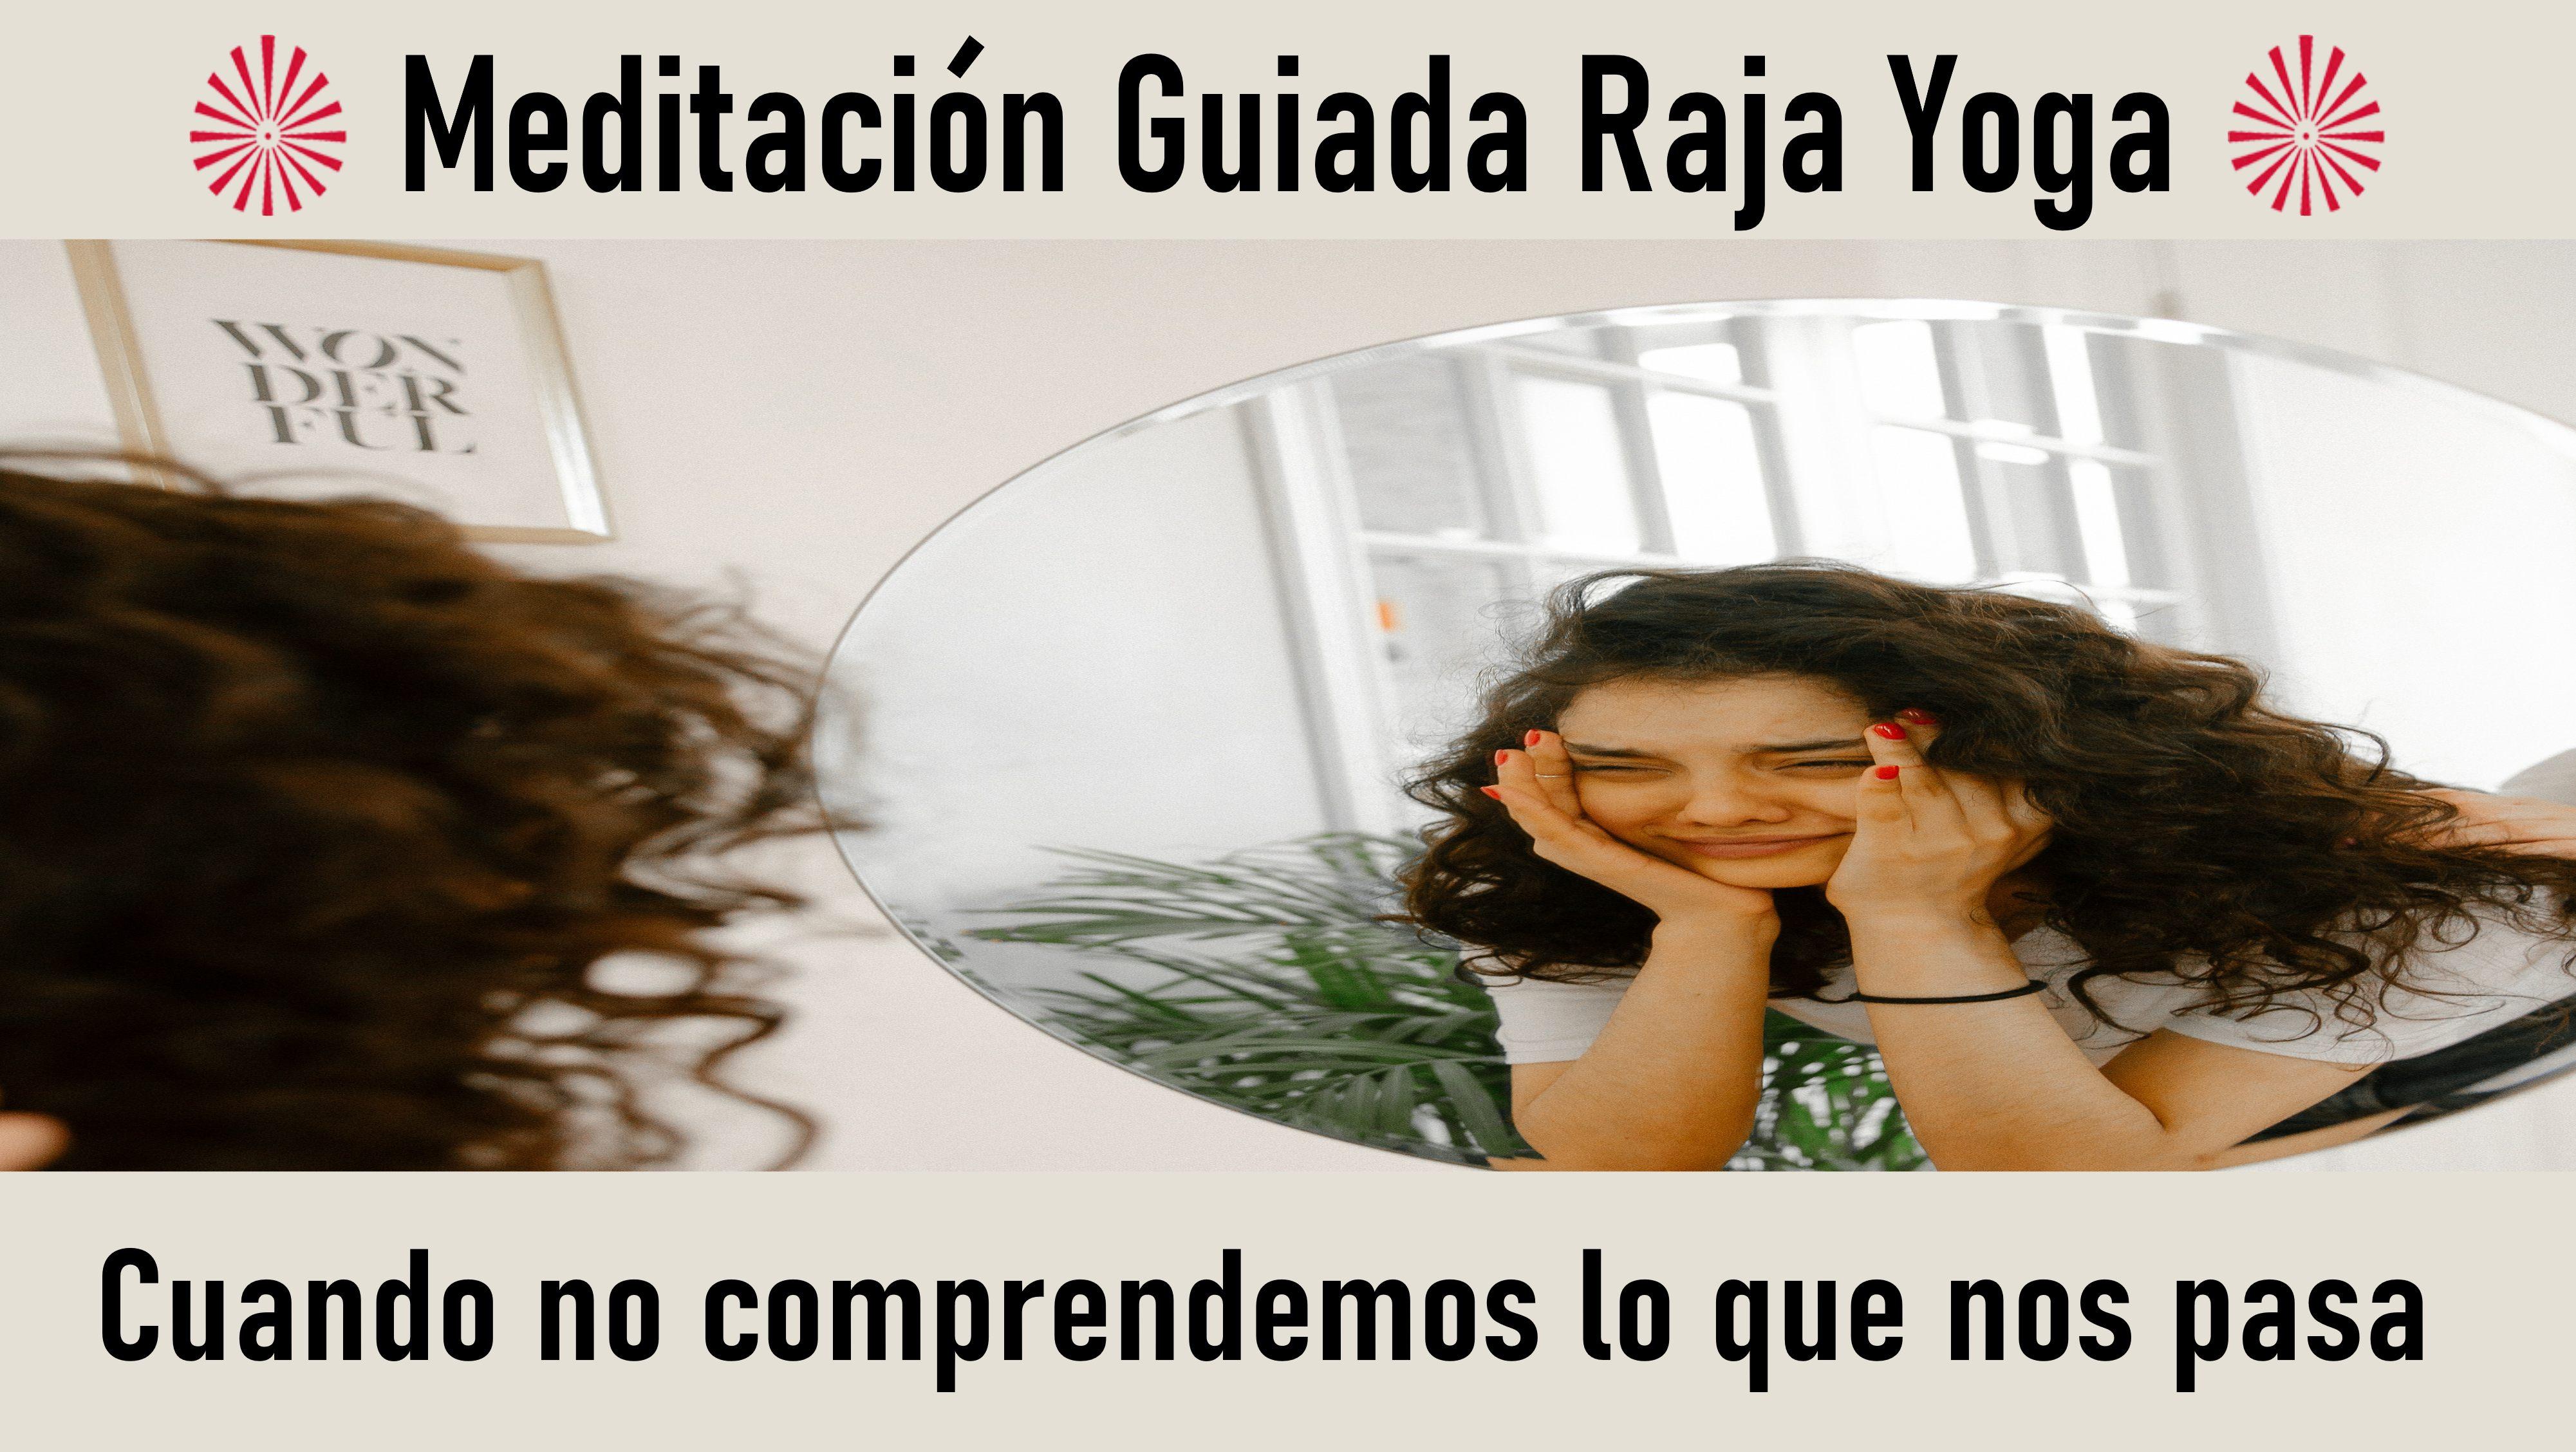 Meditación Raja Yoga: Cuando no comprendemos lo que nos pasa (19 Septiembre 2020) On-line desde Valencia